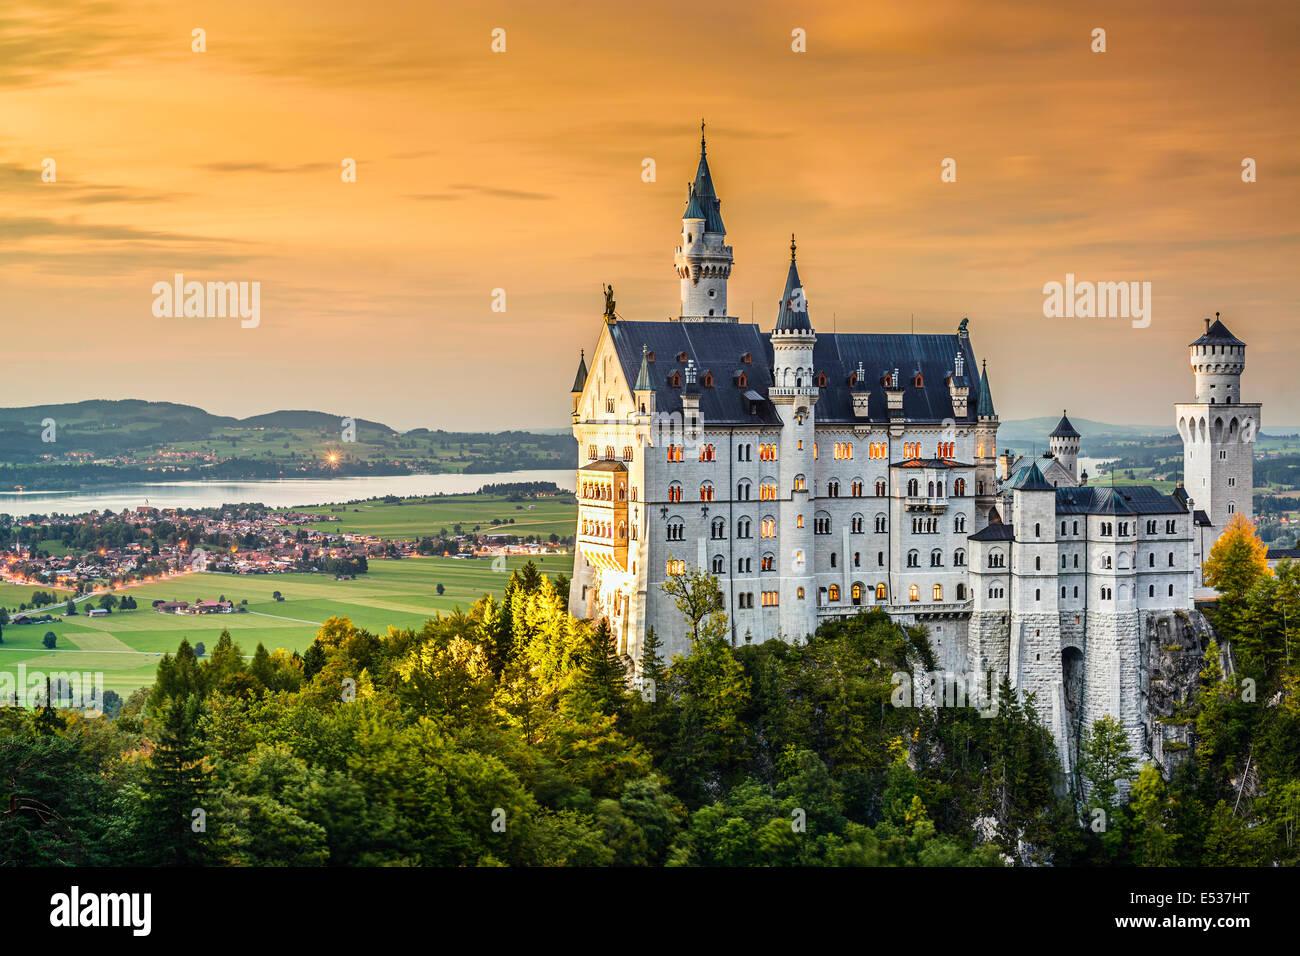 Il Castello di Neuschwanstein nelle alpi bavaresi della Germania. Immagini Stock